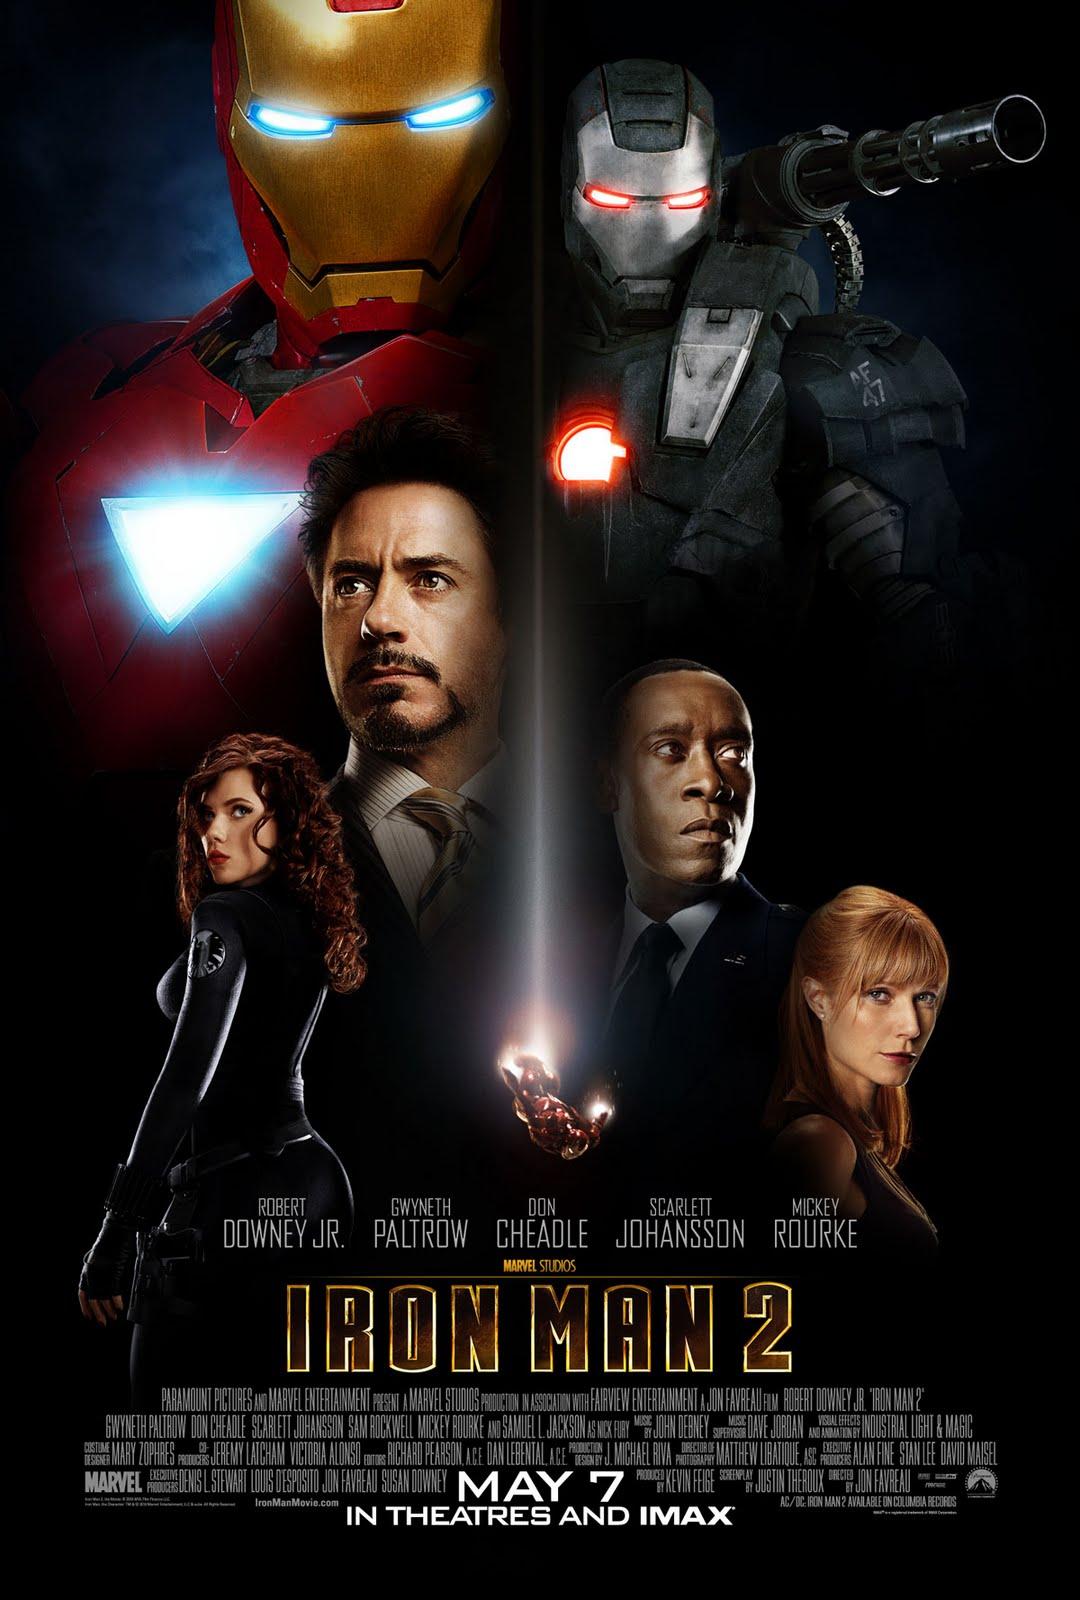 http://3.bp.blogspot.com/_K3hKxrxQGBk/TAzVt_tBgOI/AAAAAAAAMiU/9GGT9uyhqj8/s1600/iron_man_poster_1200.jpg